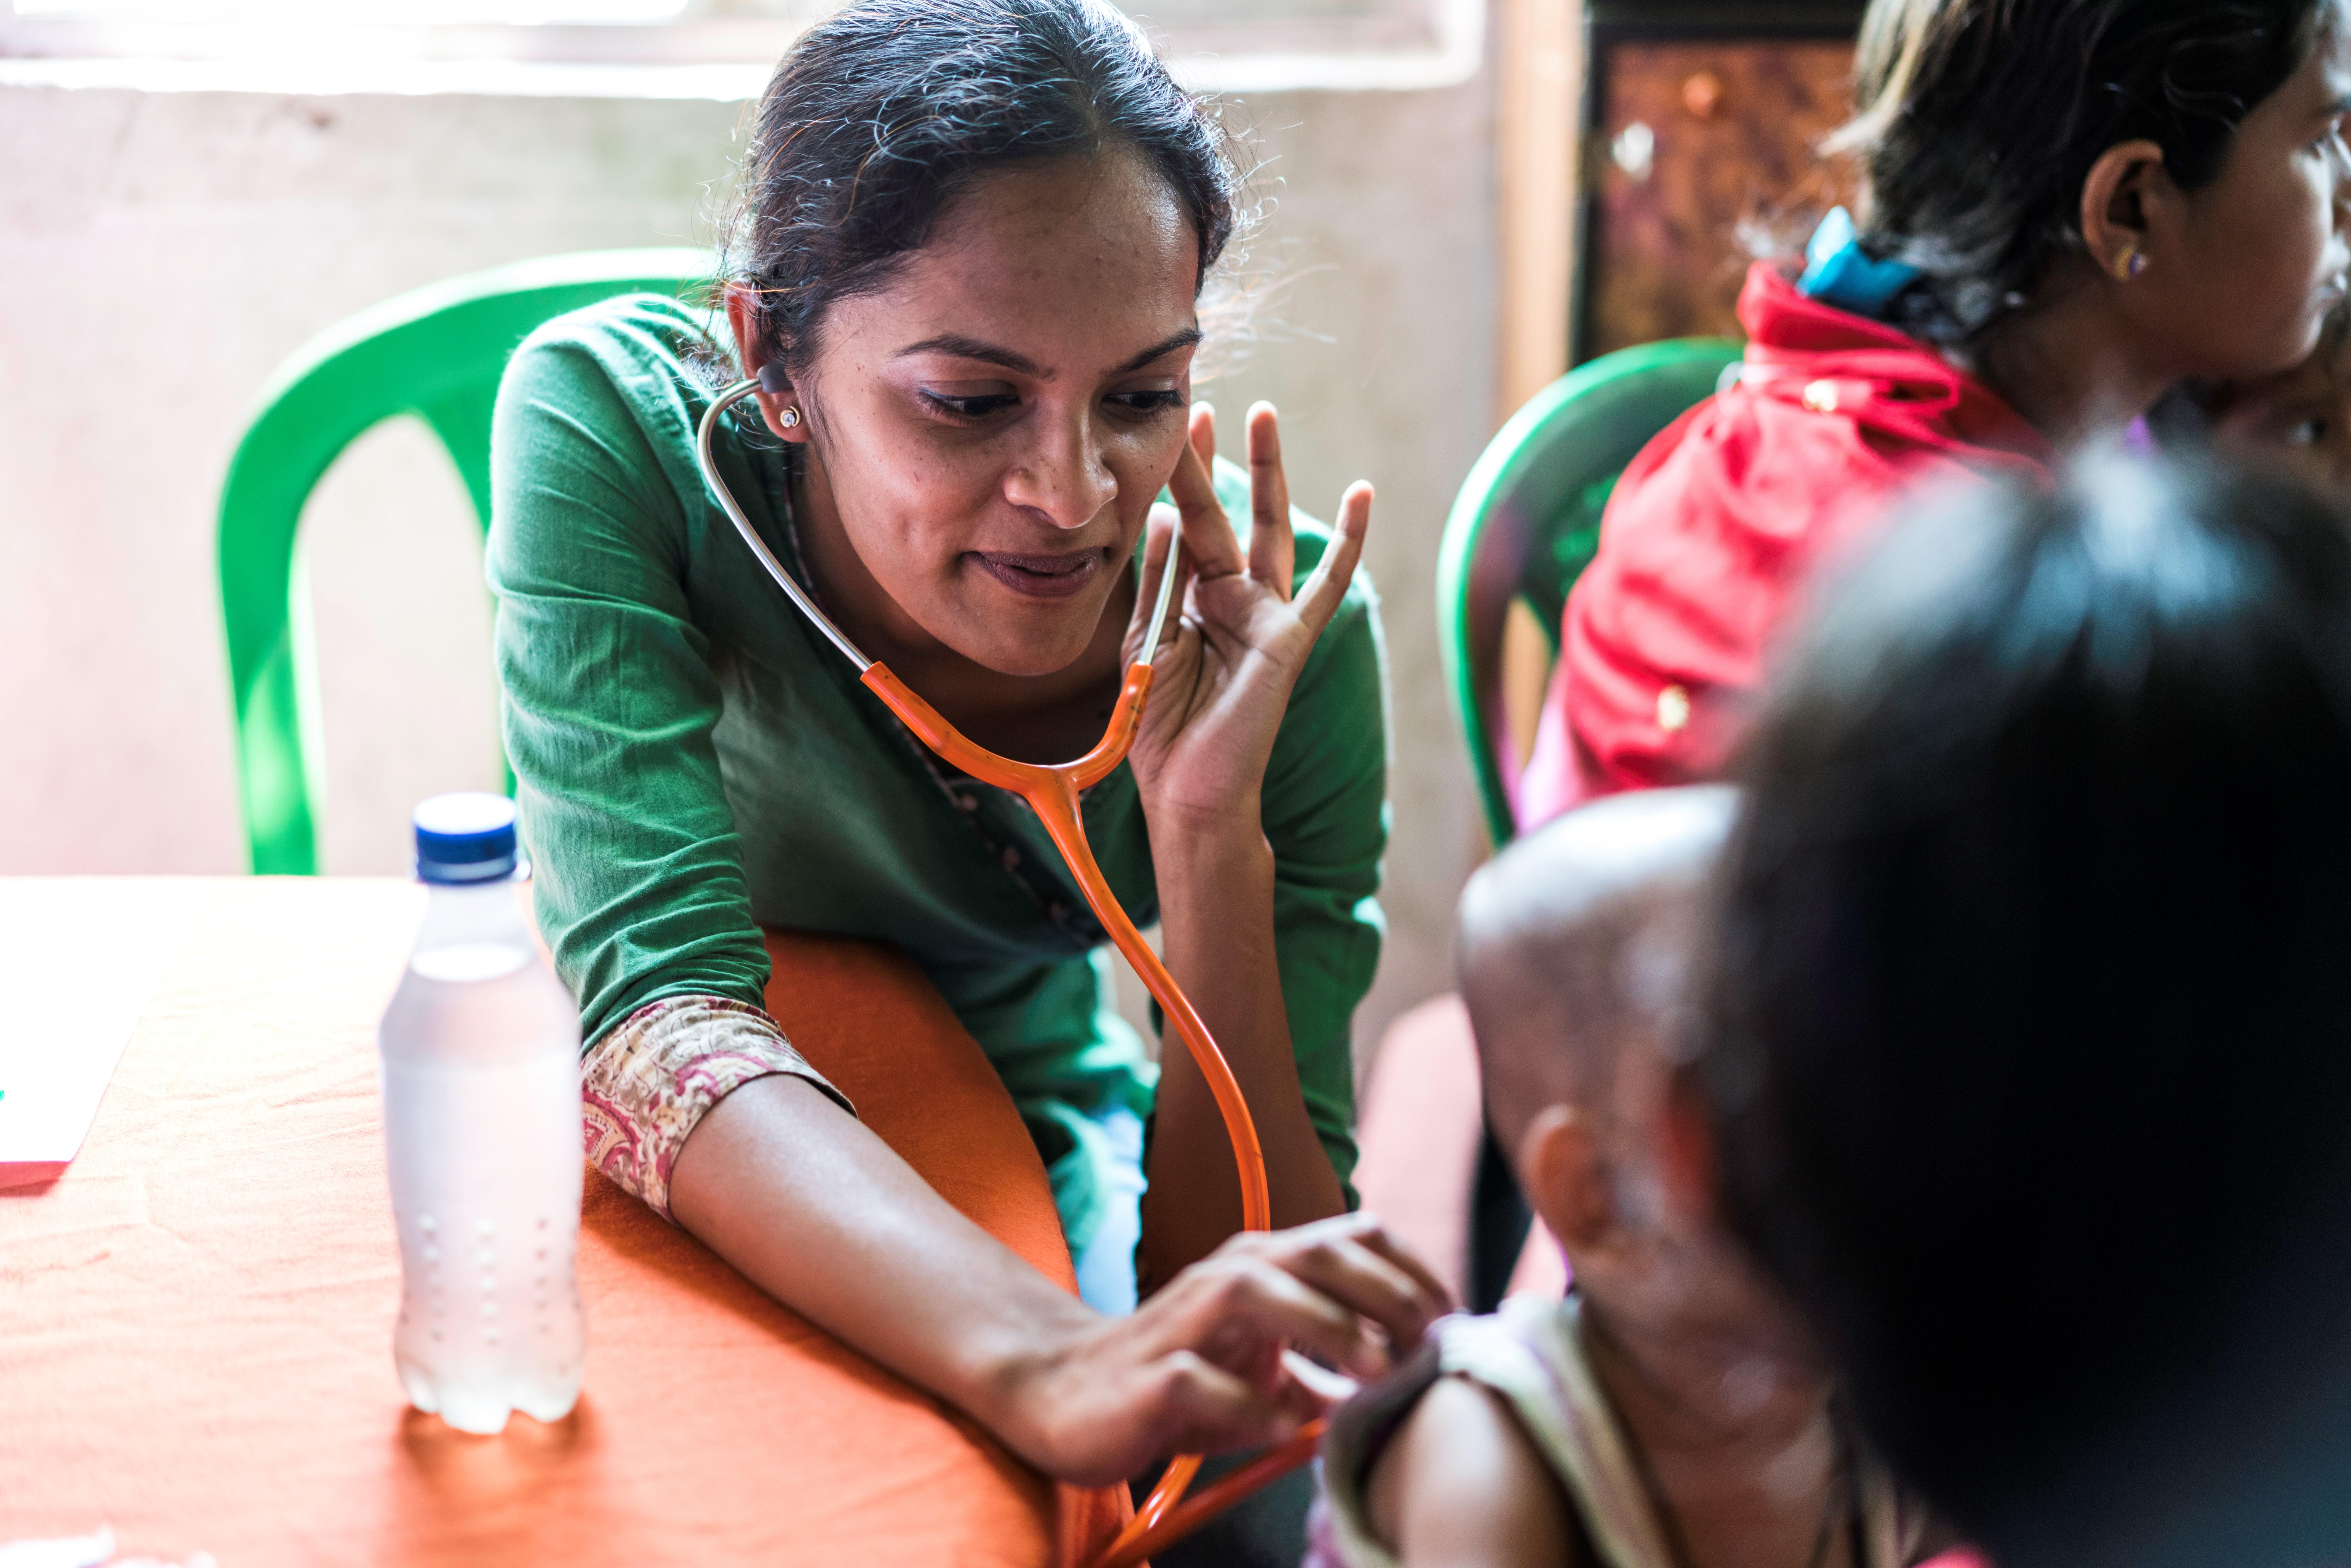 Saumya untersucht ein Kind im Rahmen des Mangelernährungsprogramm in Liluah Bagar.